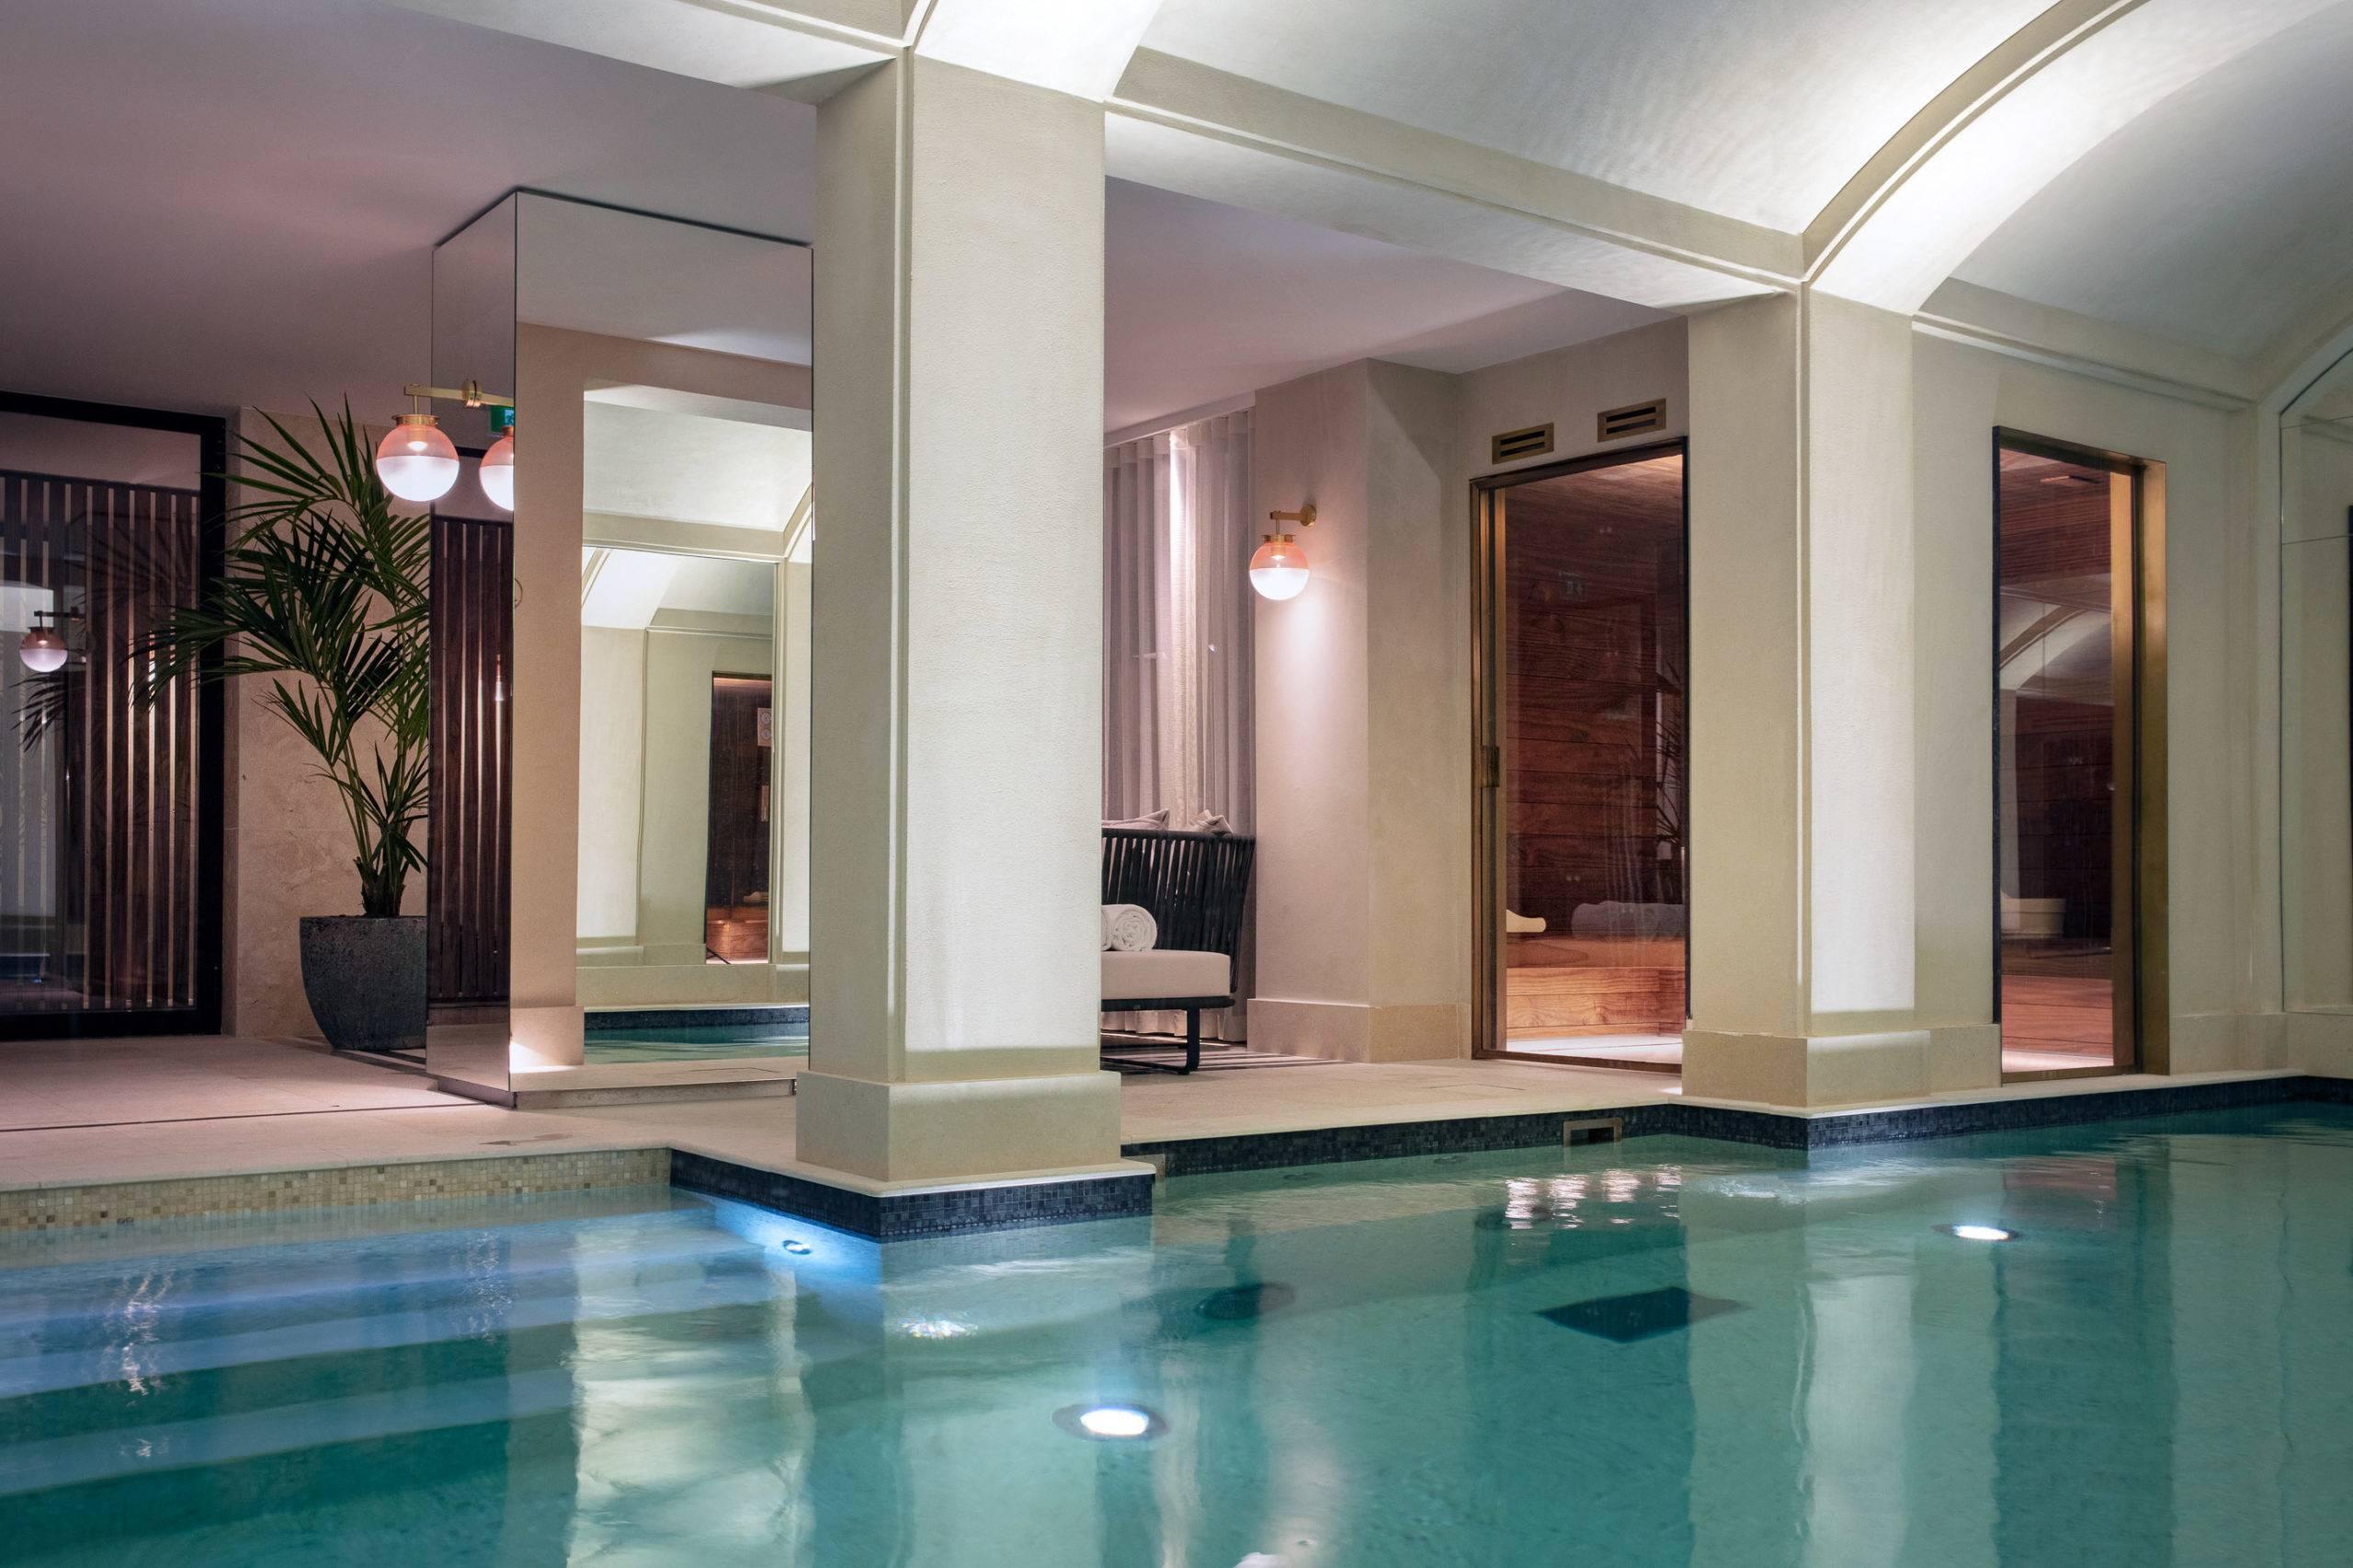 3-hotels-spa-a-Paris-pour-profiter-pleinement-de-votre-sejour-6